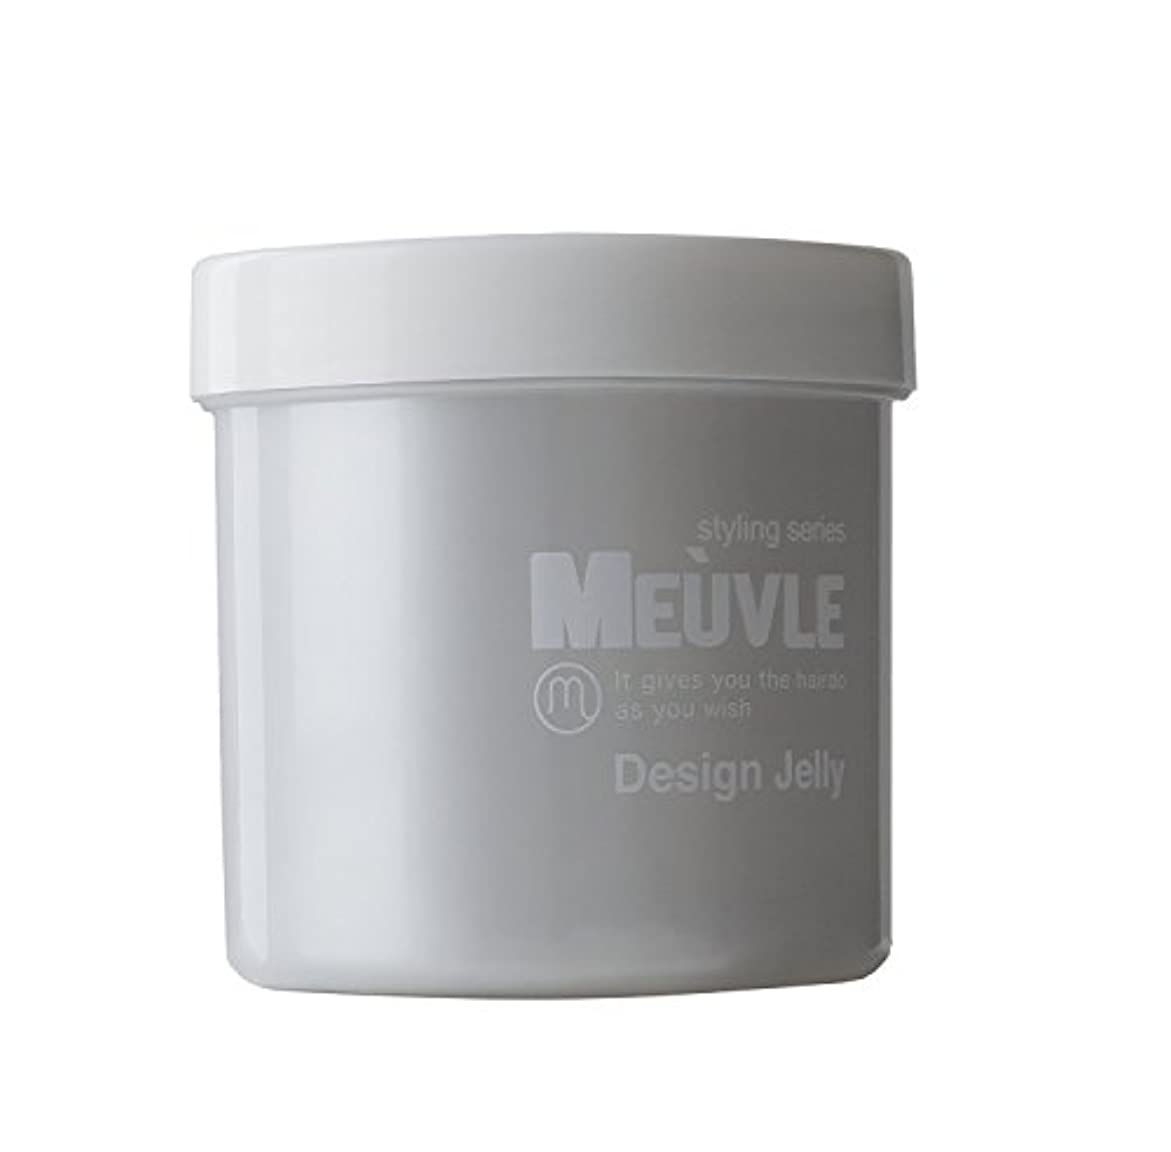 スロベニア軍隊臨検MEUVLE ( ミューヴル ) デザインゼリー 300g 限定企画 ミューブル ジェル